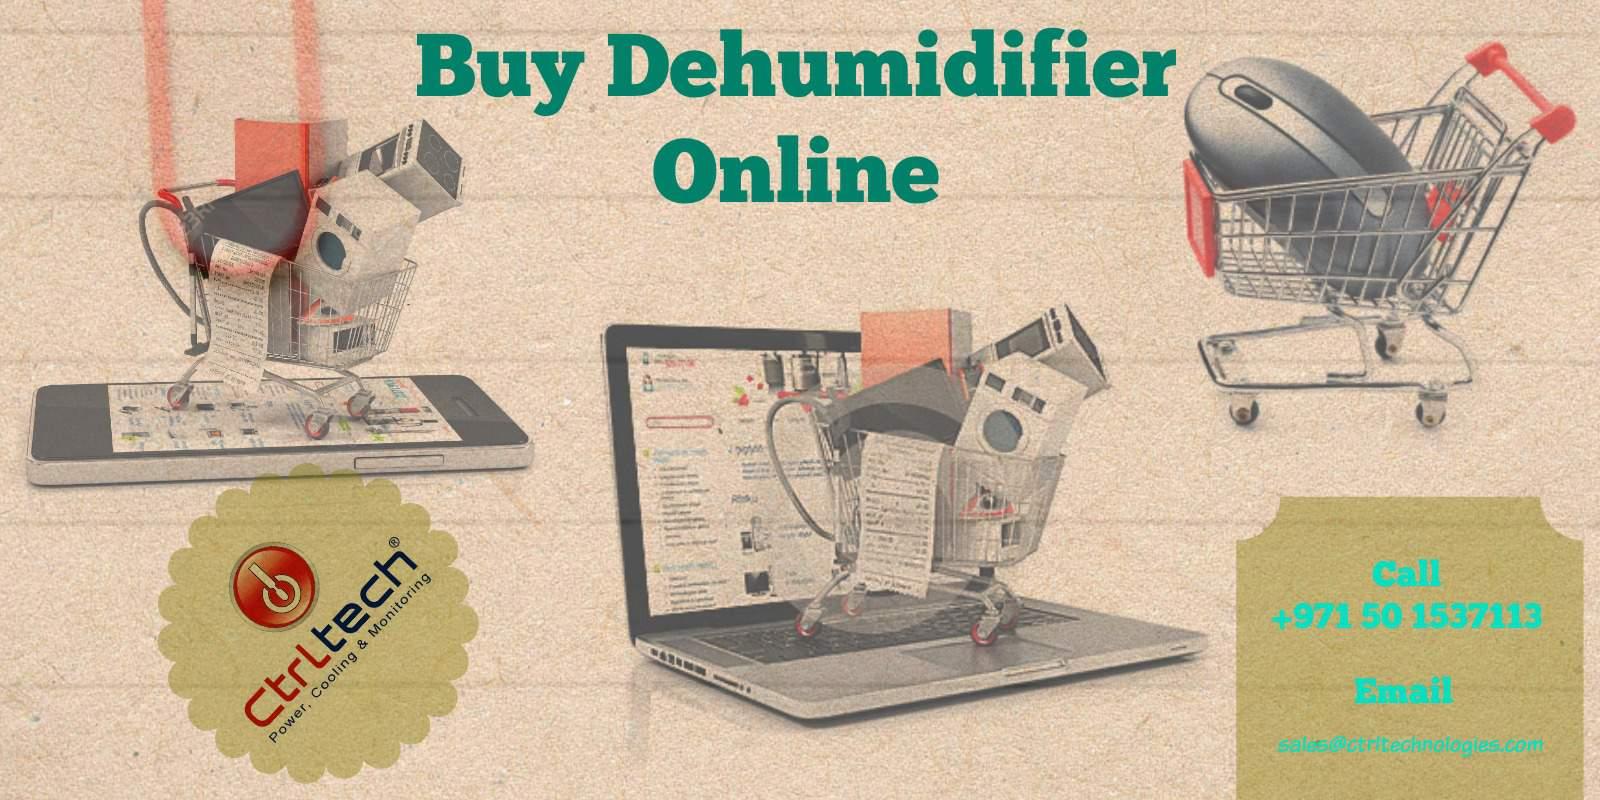 Dehumidifier Souq: Modern Method of Dehumidifier buying.